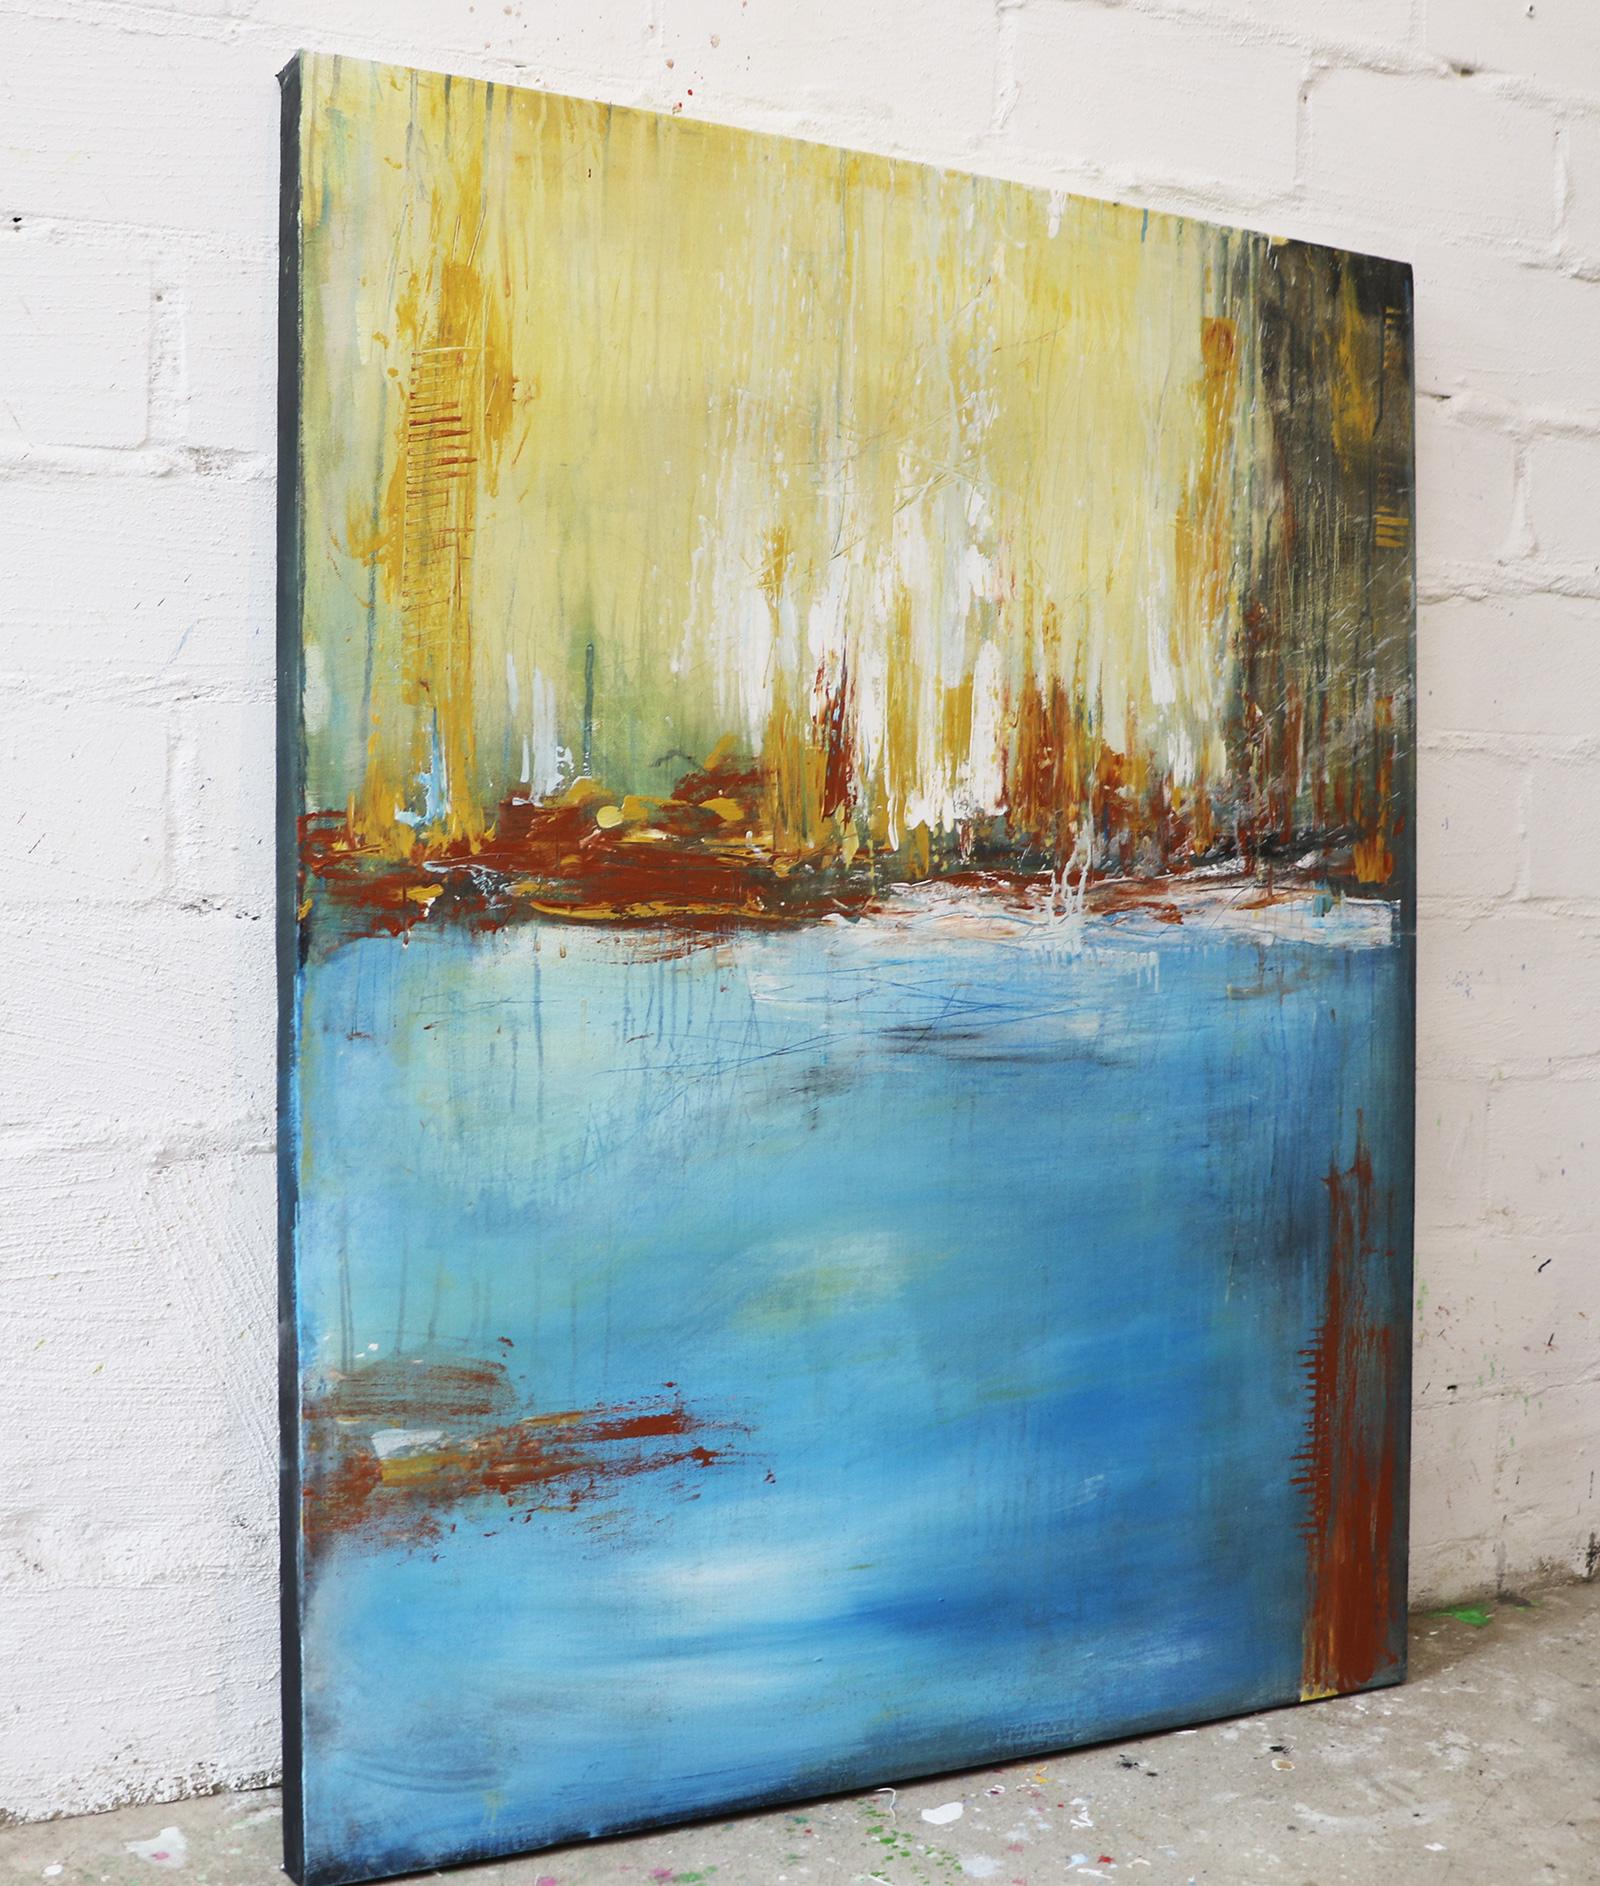 Tag am Meer, Acrylbild 80 x 100 cm, contemporary art, abstrakte malerei